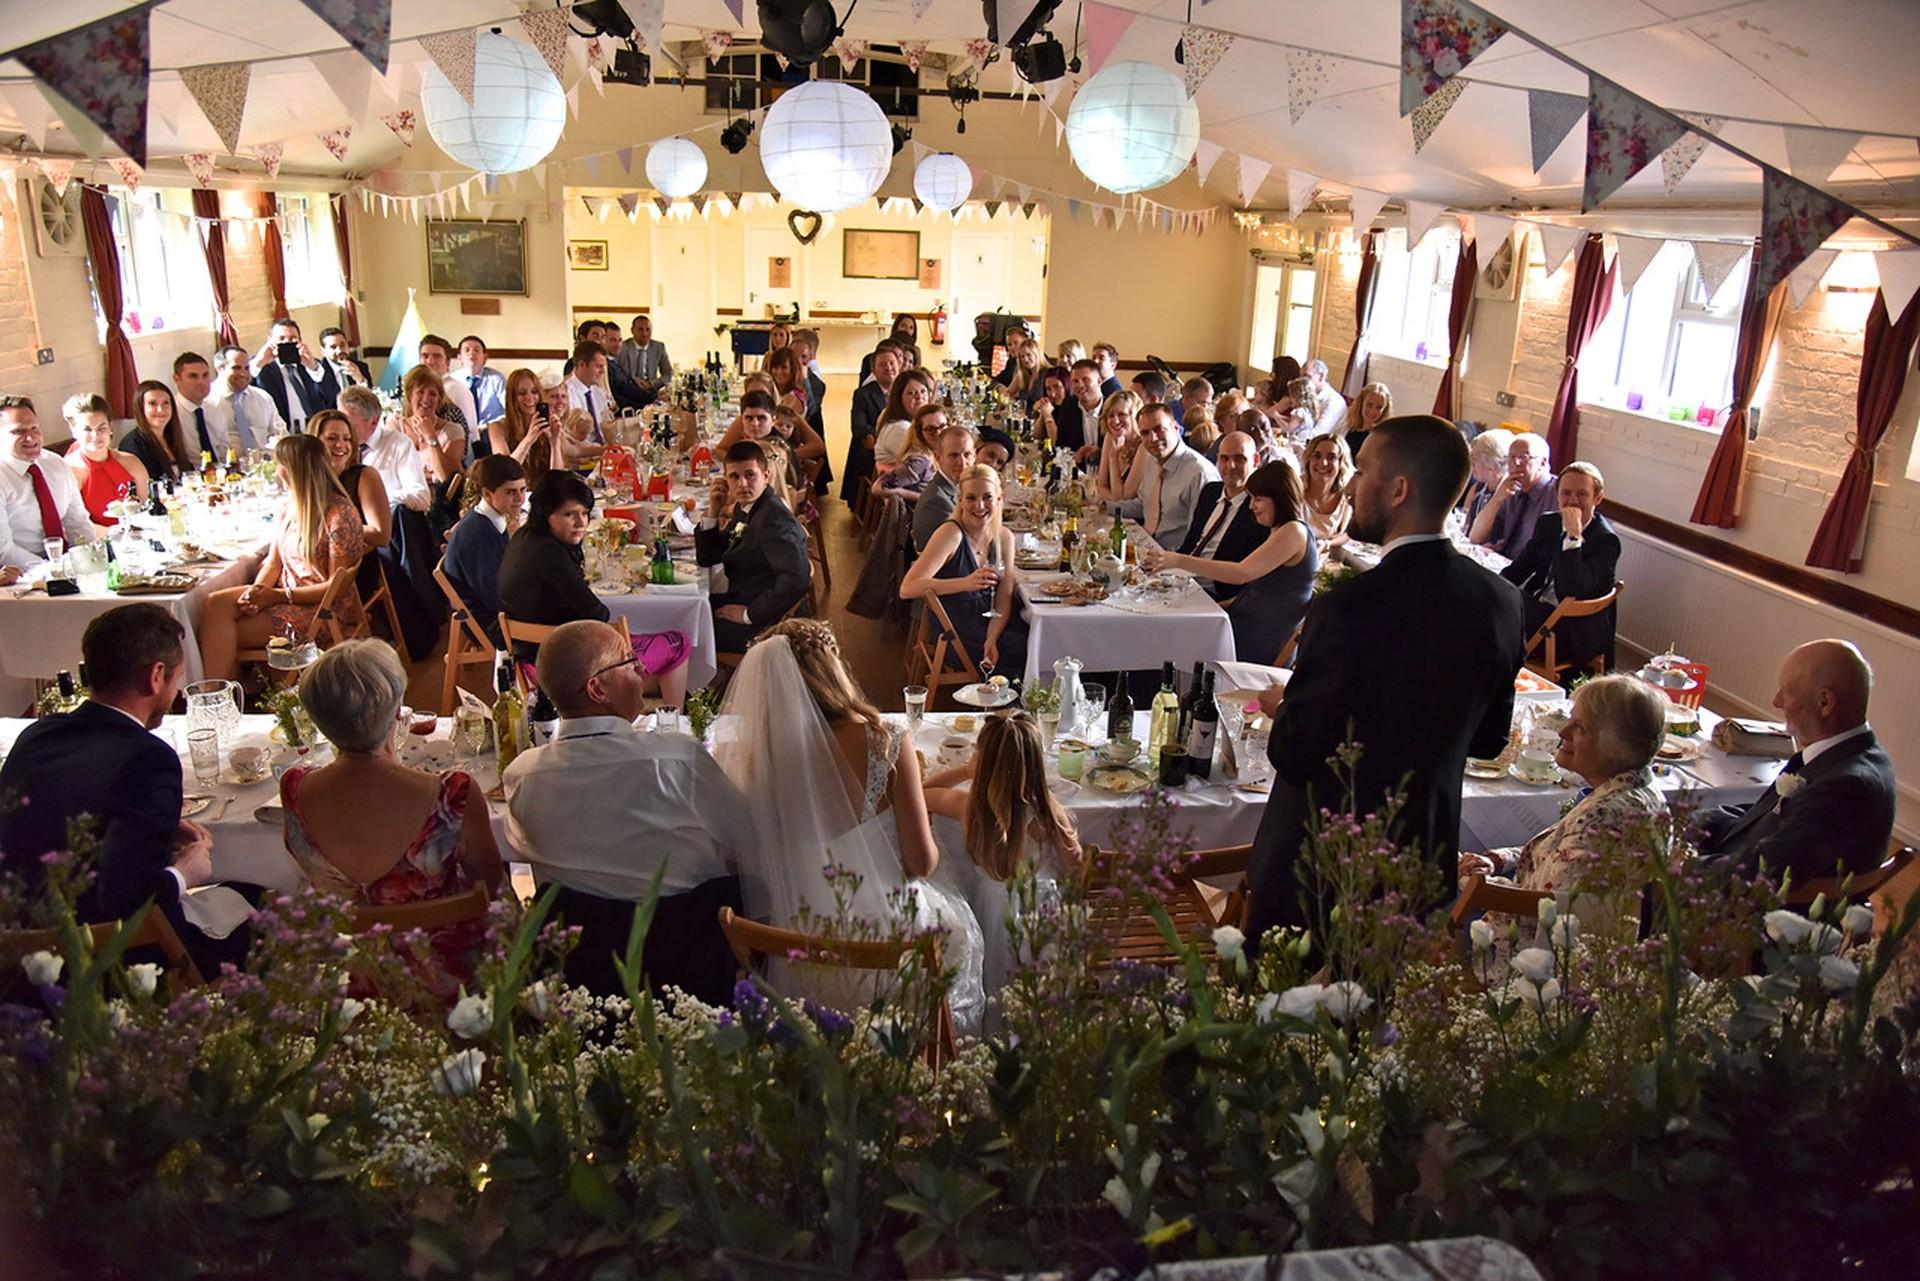 A festa de casamento parece ter o mais importante amigos e alegria (Foto: Grosby Group)